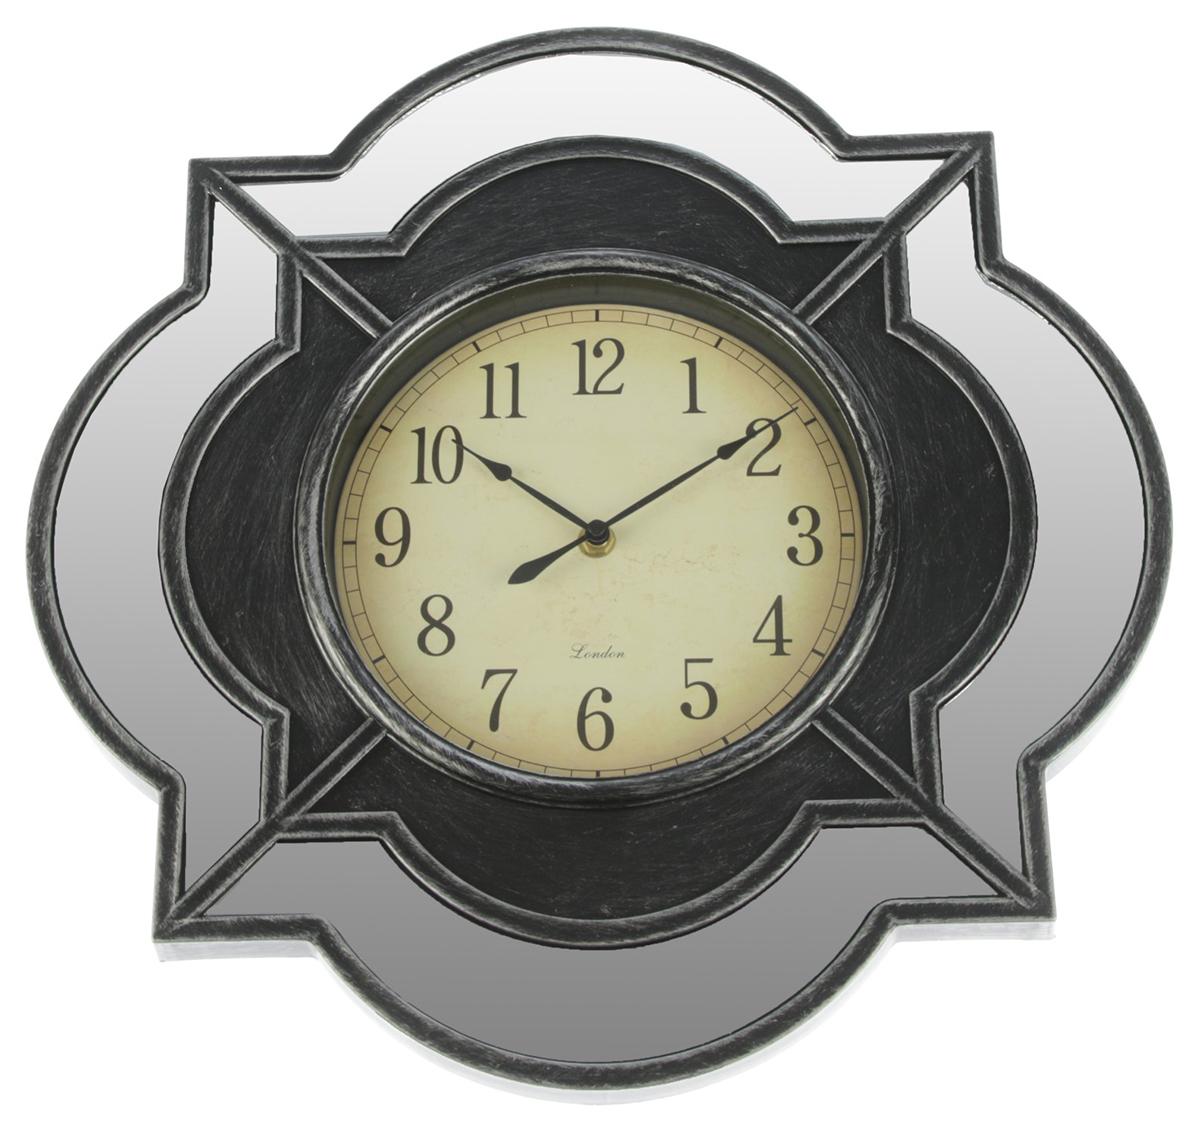 Часы настенные Зеркала, цвет: серебро, 40 х 40 см2770475Каждому хозяину периодически приходит мысль обновить свою квартиру, сделать ремонт, перестановку или кардинально поменять внешний вид каждой комнаты. — привлекательная деталь, которая поможет воплотить вашу интерьерную идею, создать неповторимую атмосферу в вашем доме. Окружите себя приятными мелочами, пусть они радуют глаз и дарят гармонию.Часы настенные. серия Зеркала, фигурные, вставка под дерево в центре, цвет серебро, 40*40см 277047